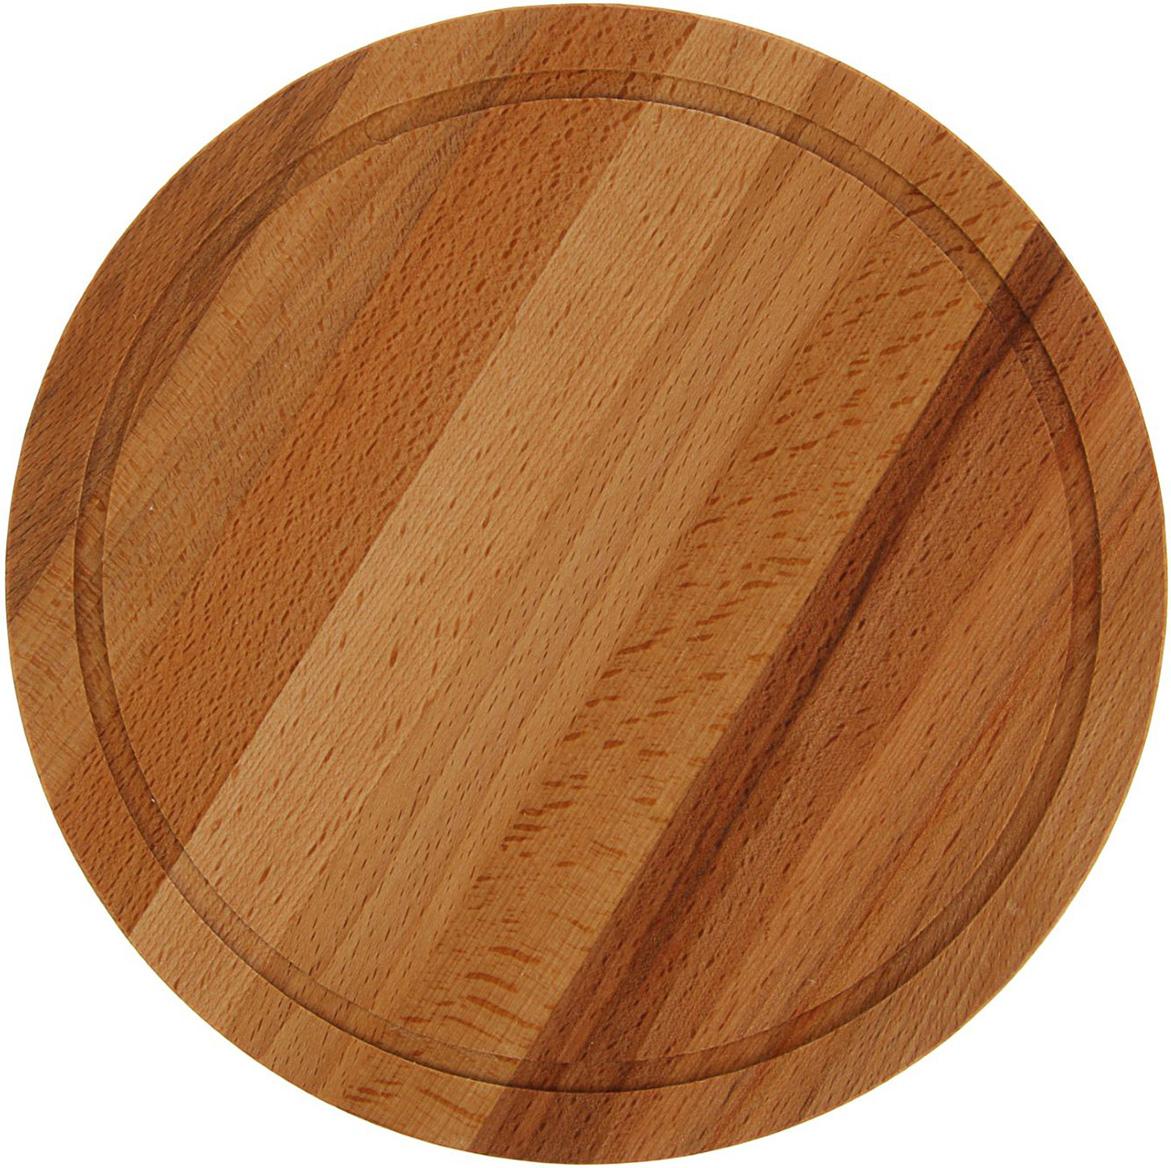 Доска разделочная с кровостоком, цвет: коричневый, диаметр 25 см1814451От качества посуды зависит не только вкус еды, но и здоровье человека. Доскаразделочная круглая с кровостоком, товар, соответствующий российскимстандартам качества. Любой хозяйке будет приятно держать его в руках. Снашей посудой и кухонной утварью приготовление еды и сервировка столапревратятся в настоящий праздник.